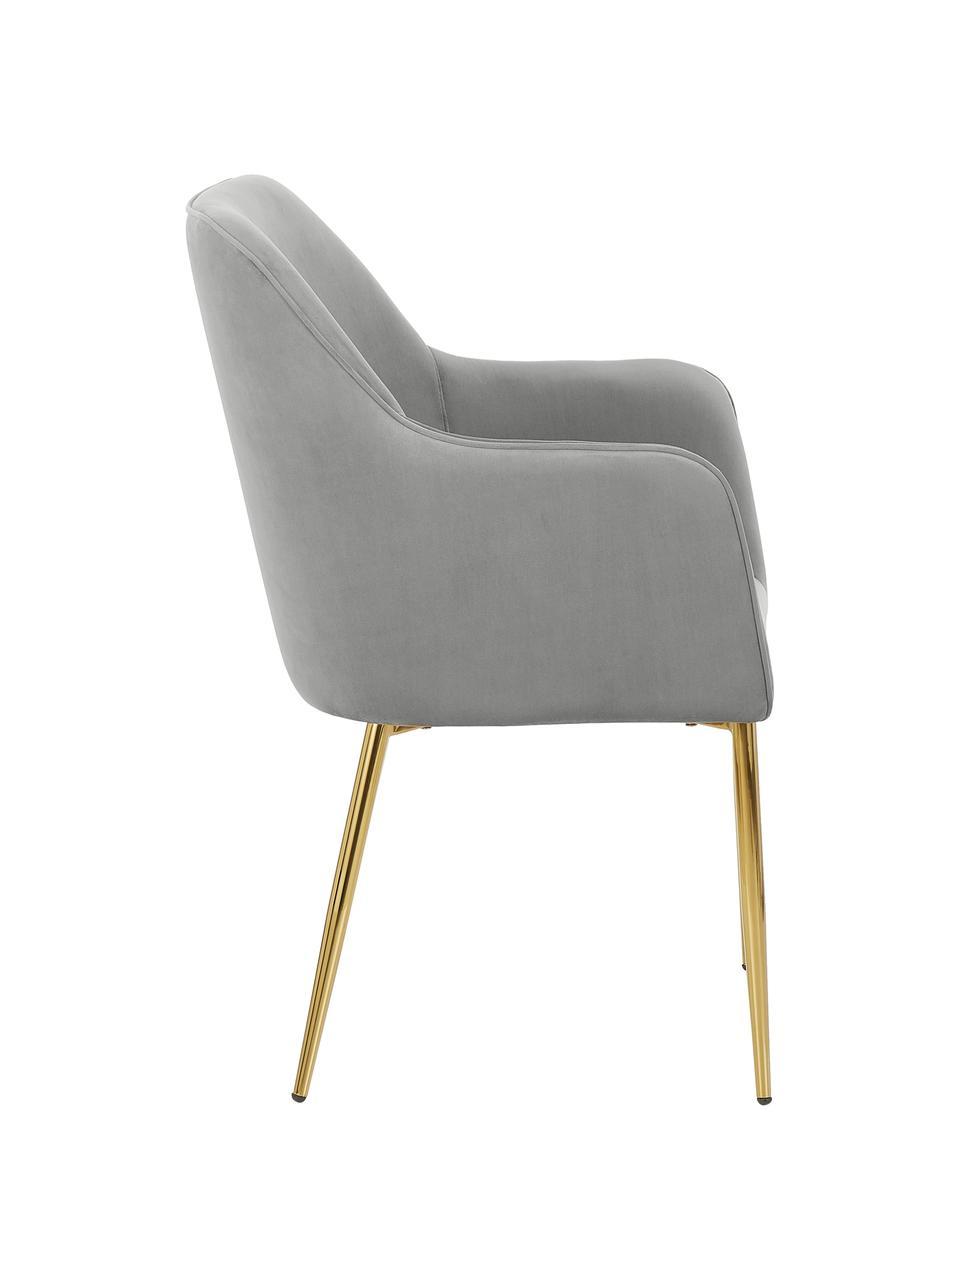 Sedia con braccioli  in velluto Ava, Rivestimento: velluto (poliestere) 50.0, Gambe: metallo zincato, Velluto grigio, gambe oro, Larg. 57 x Prof. 62 cm